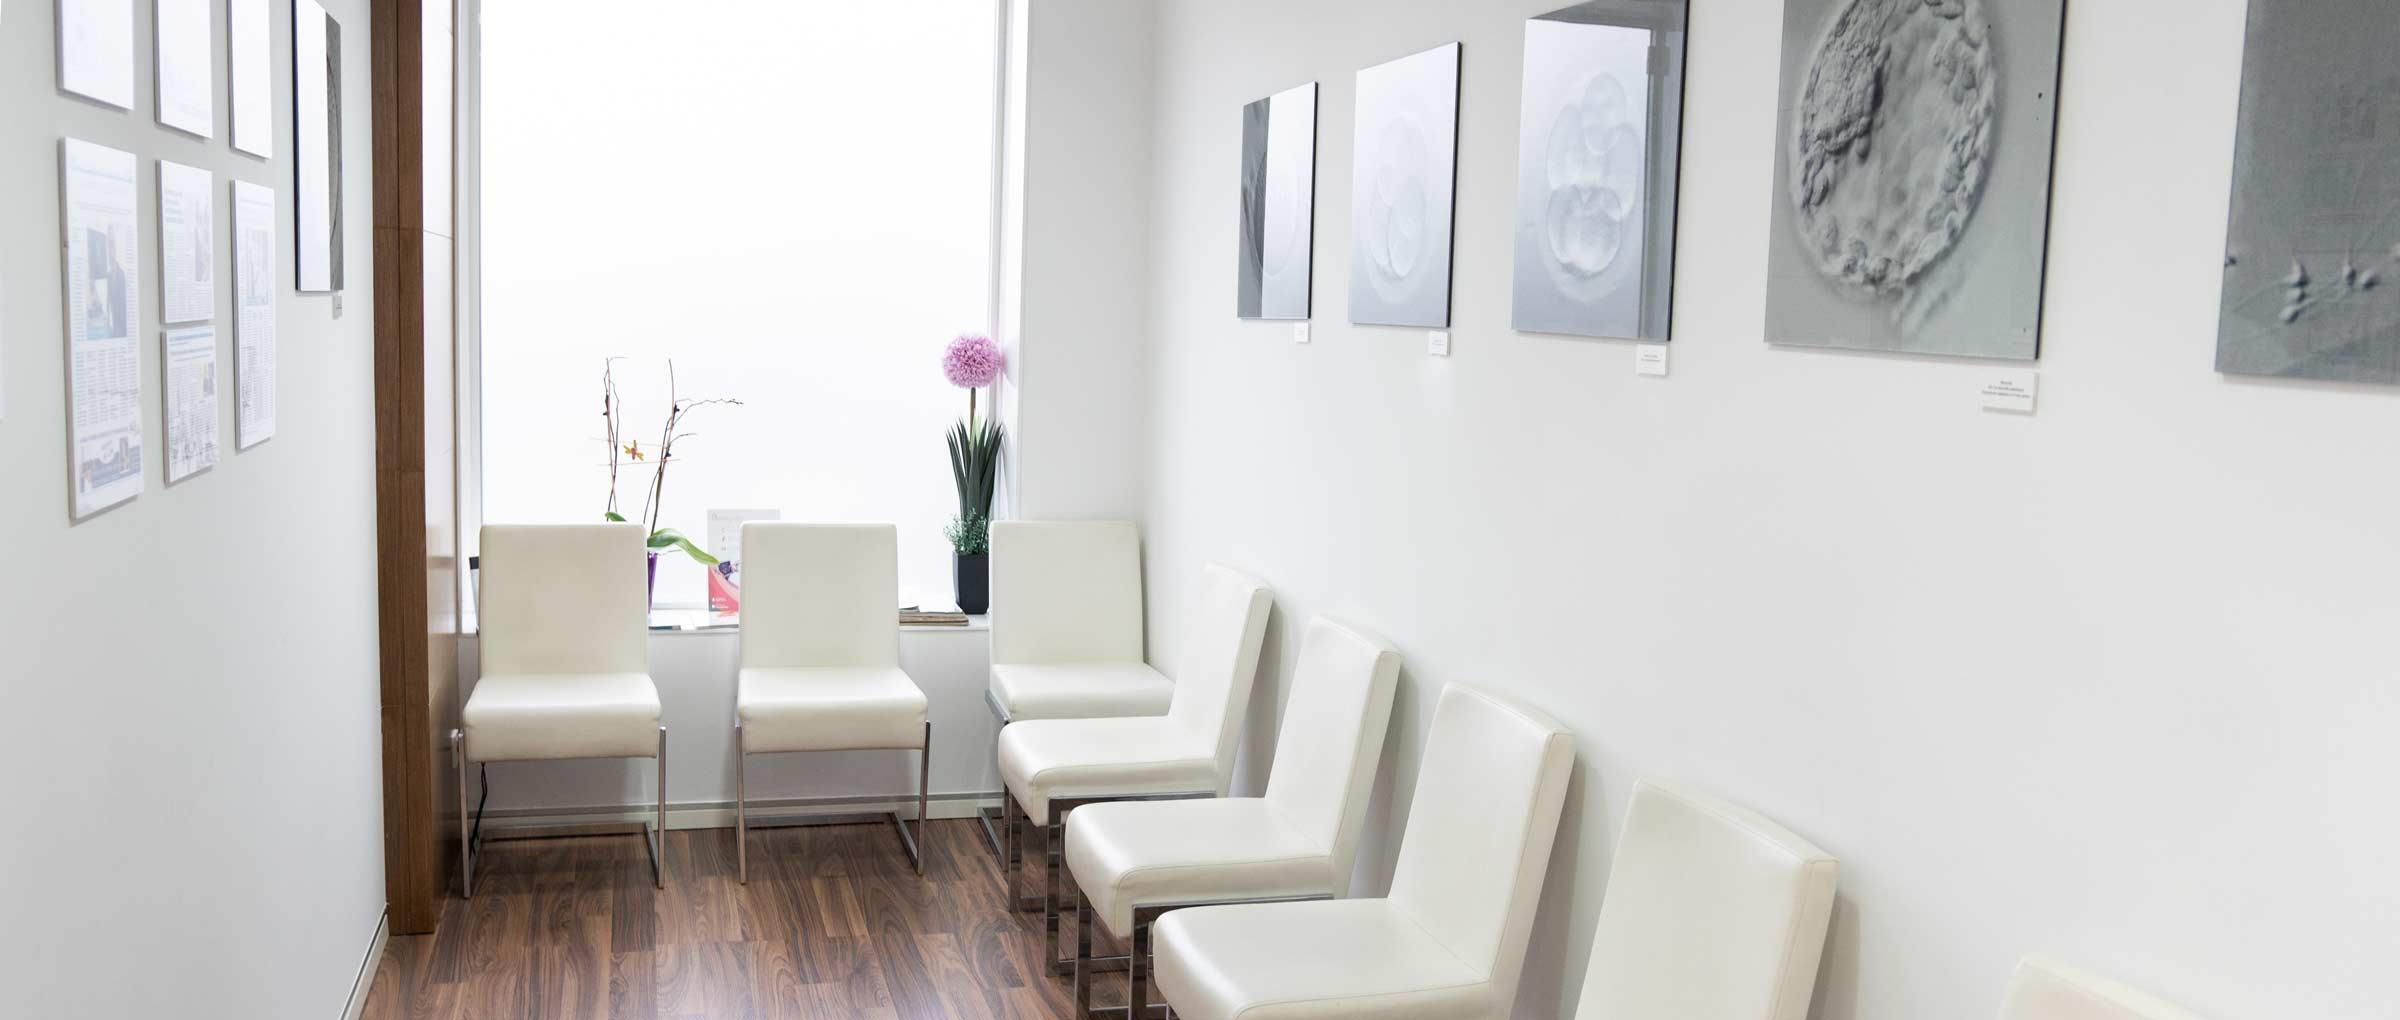 Sala de espera de ART Reproducción